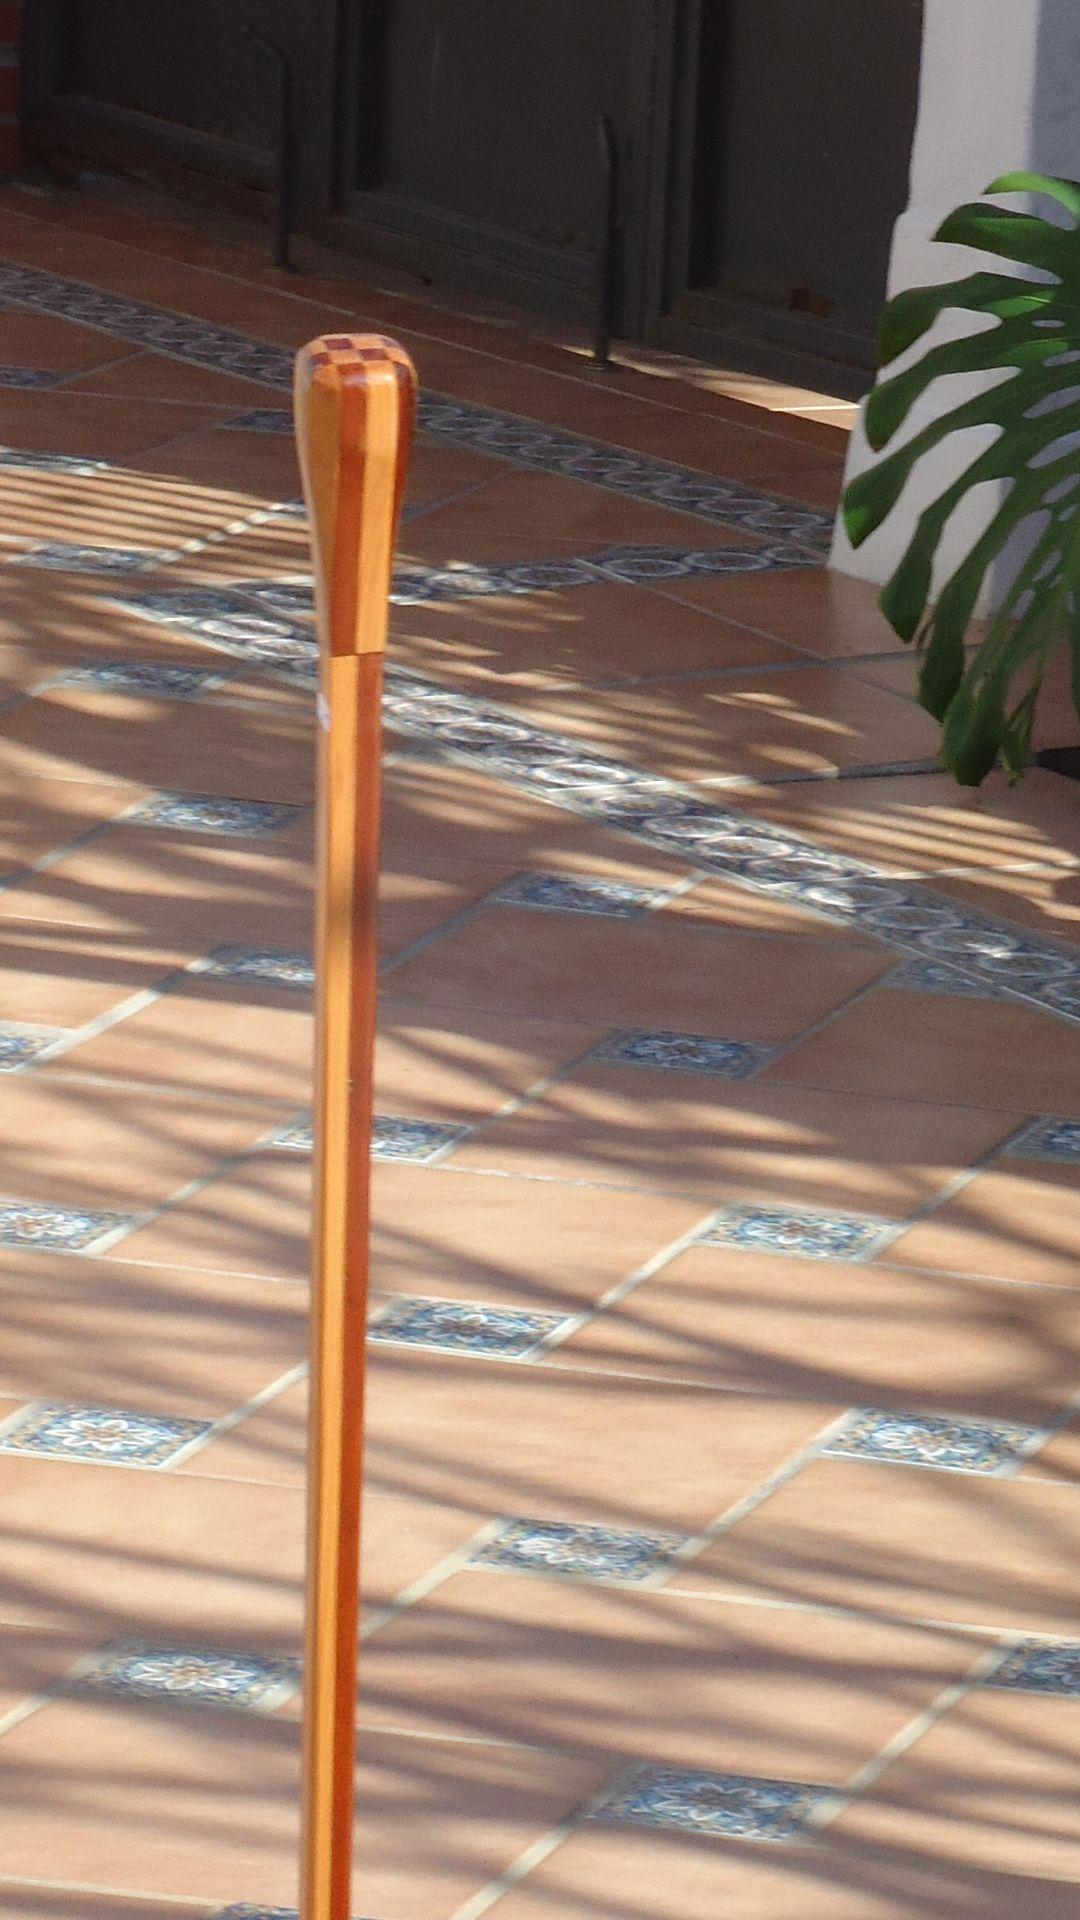 Baston nº 47. Con 8 piezas de madera de pino colorao chileno y 8 de pino de Oregon Coleccion  rcuetosevilla@gmail.com  Málaga